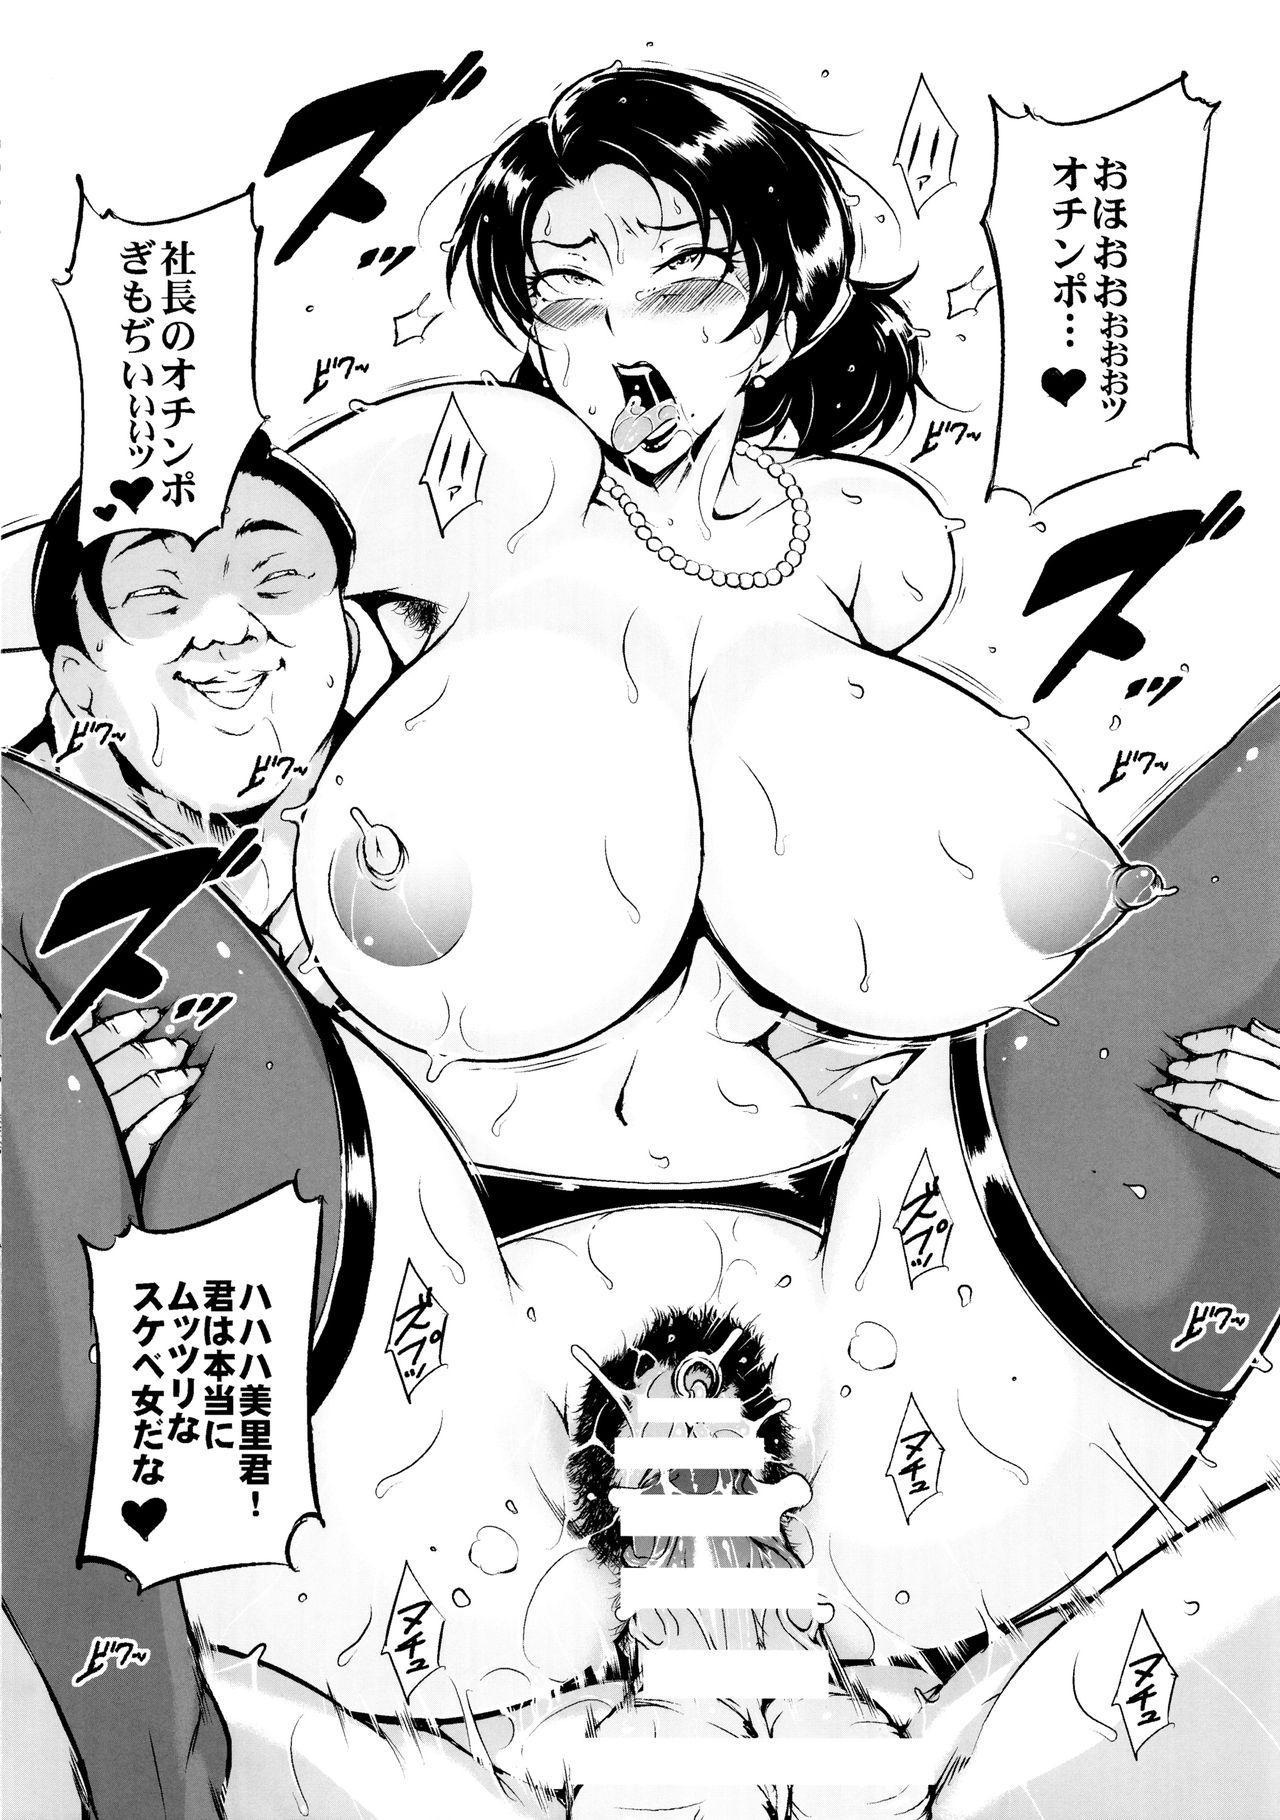 Ero BBA ♥ Dosukebe Ha Sengen 233